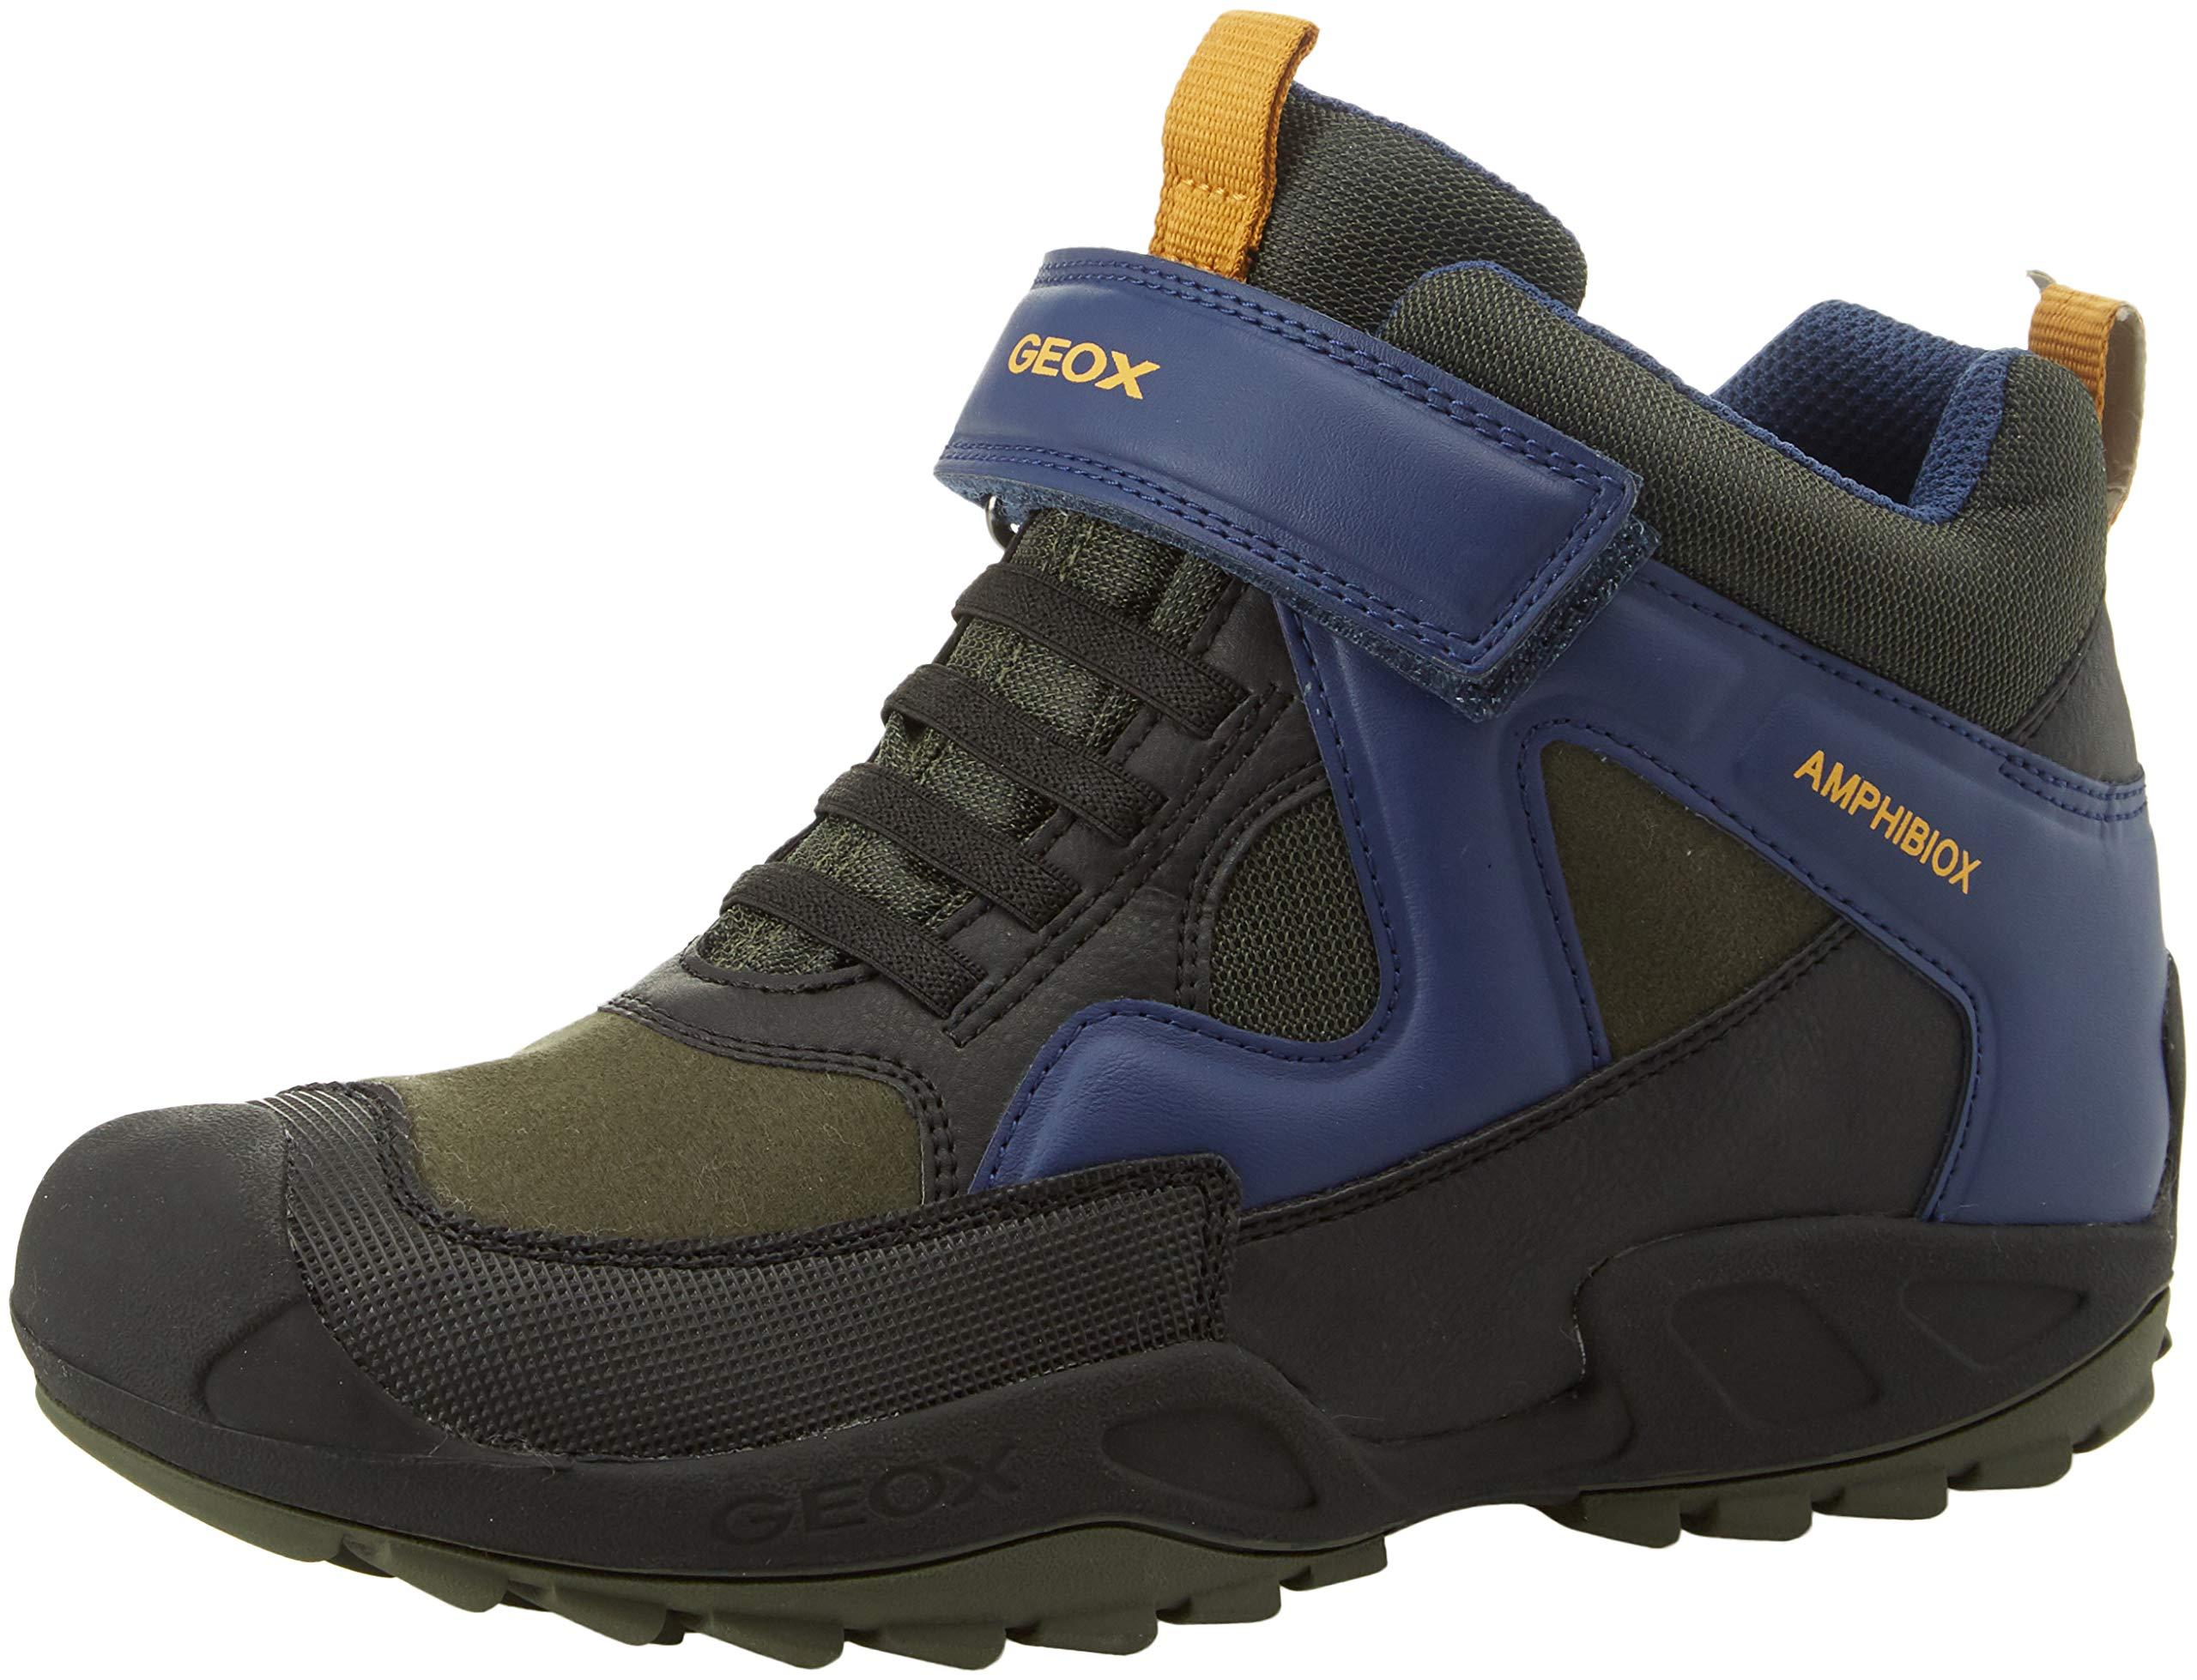 fbcbe351e99 Amazon.com: Geox Footwear: Women